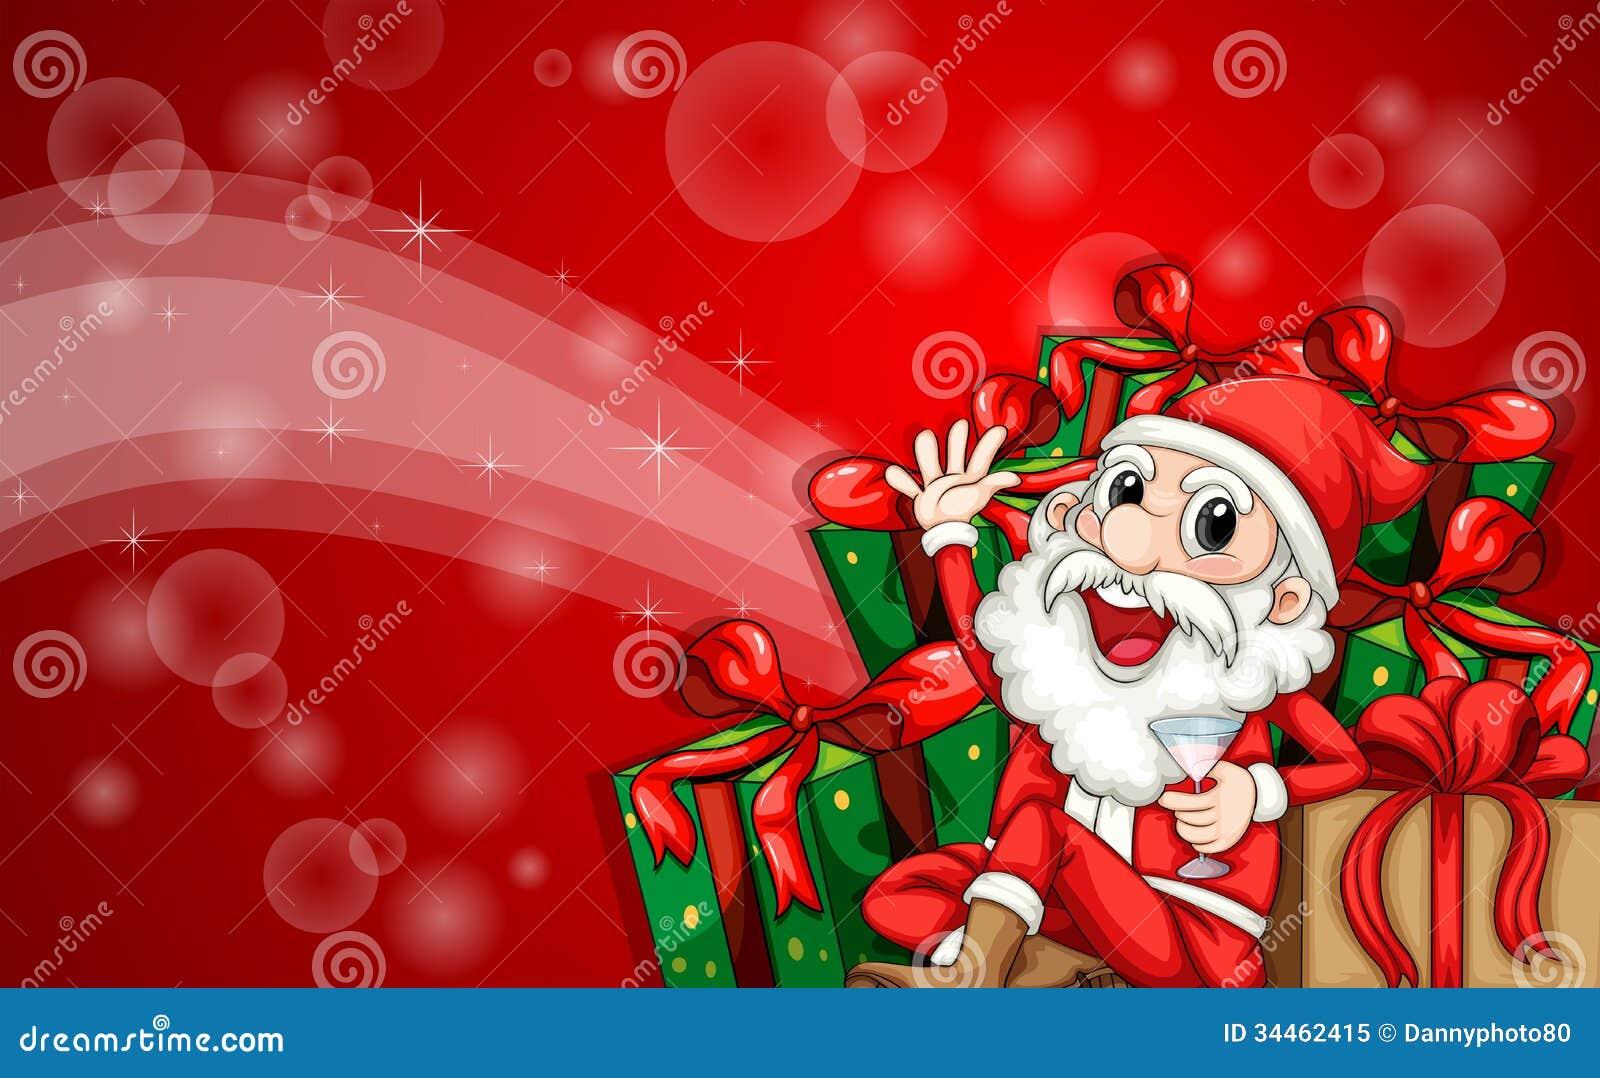 Una Plantilla Chispeante De La Tarjeta De Navidad Con Santa Claus ...